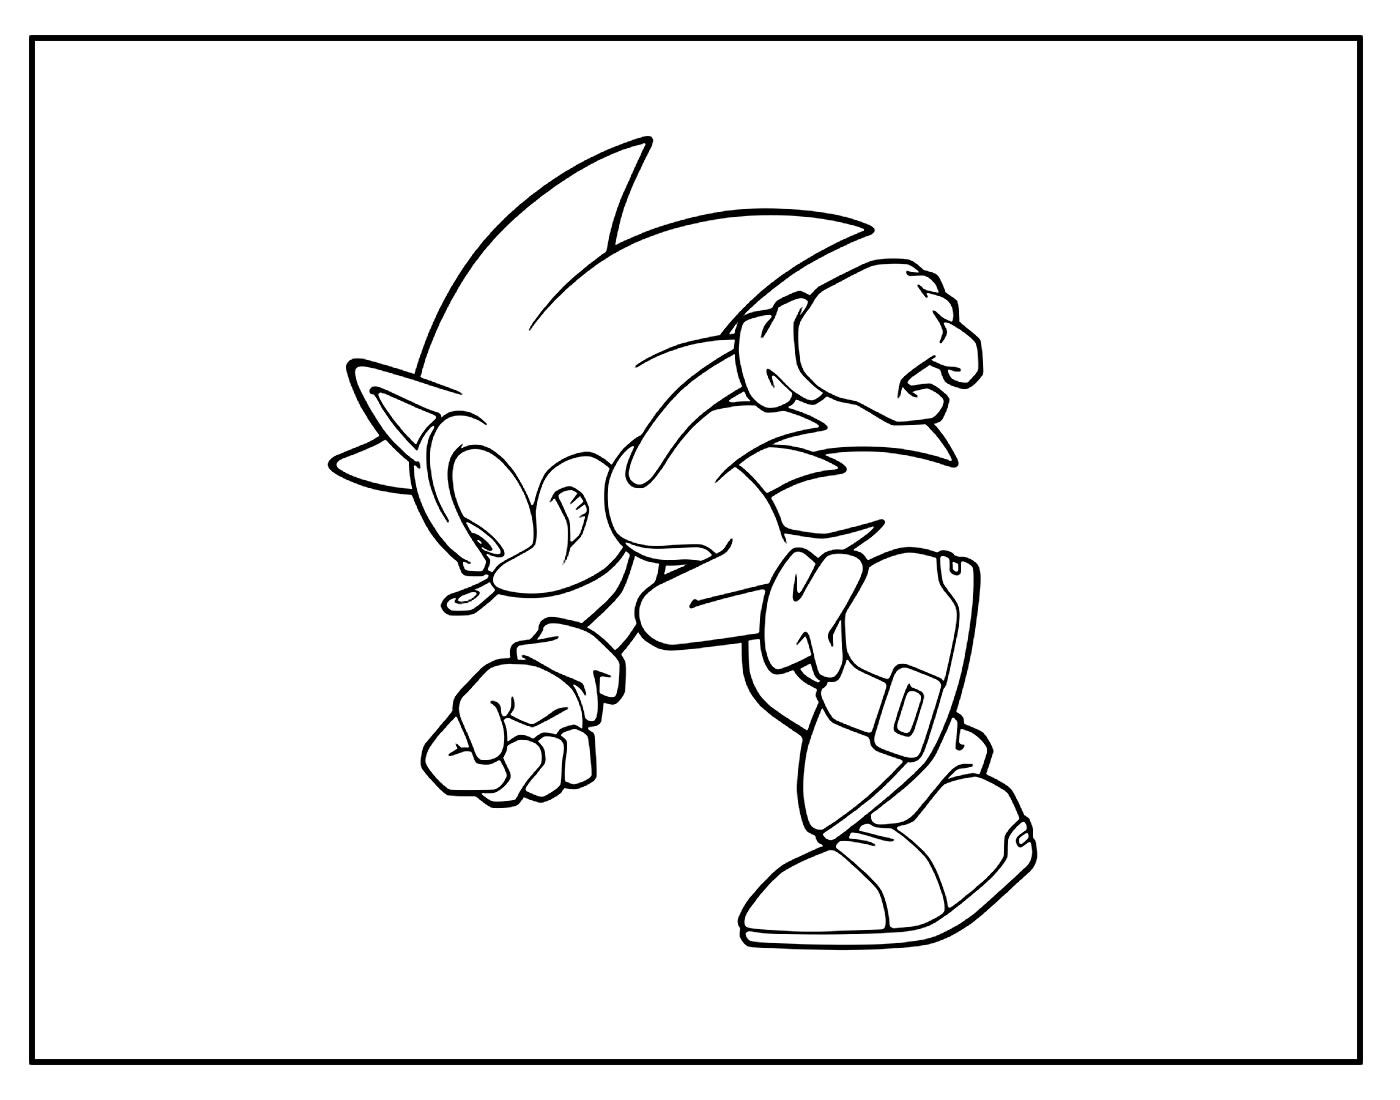 Página para colorir Sonic